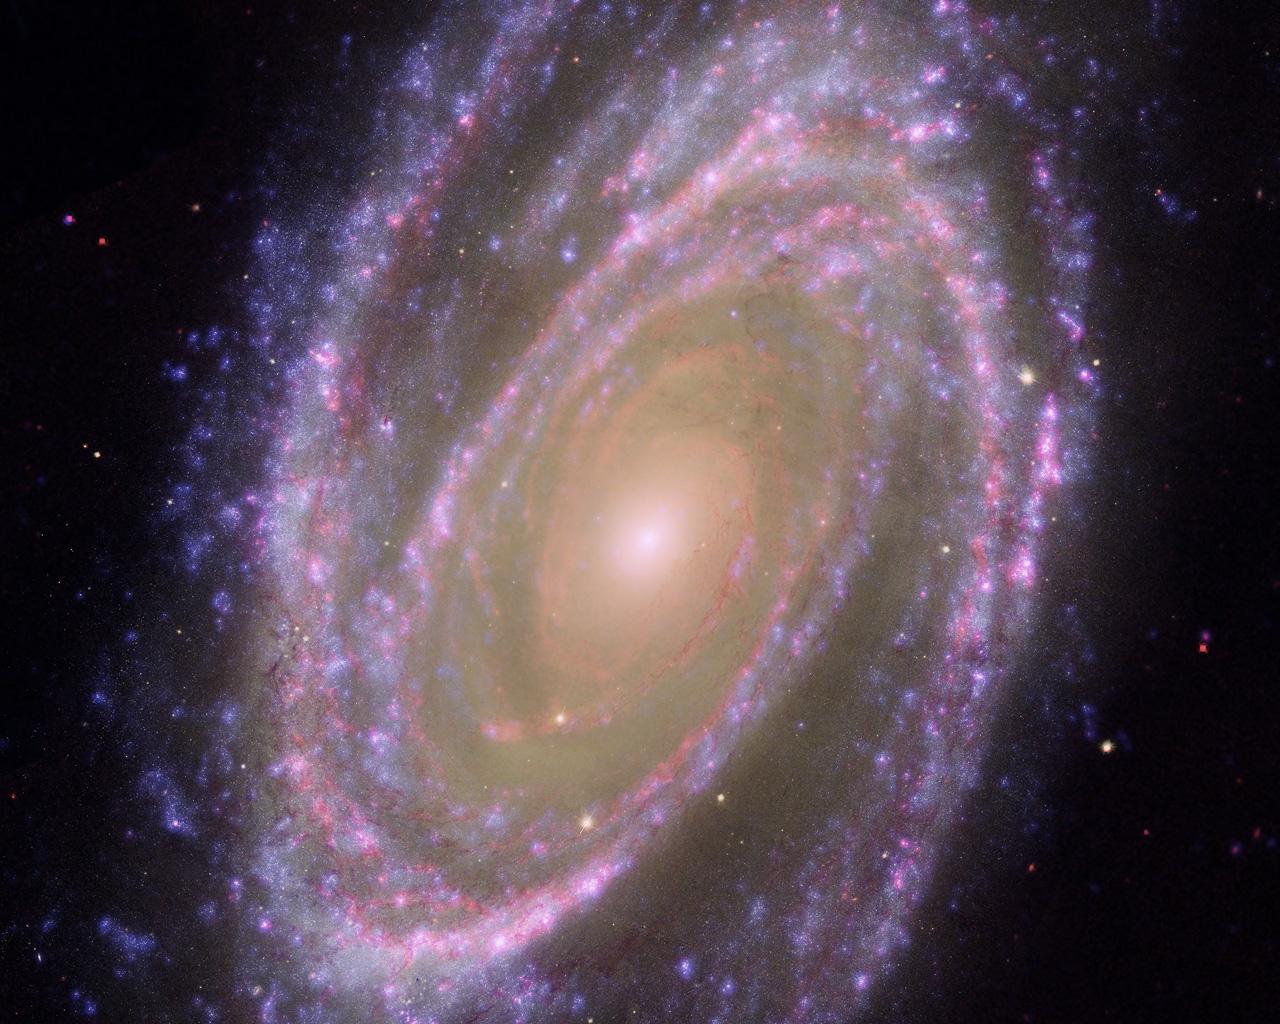 Hubble galex spitzer composite image of m81 esa hubble - Spitzer space telescope wallpaper ...